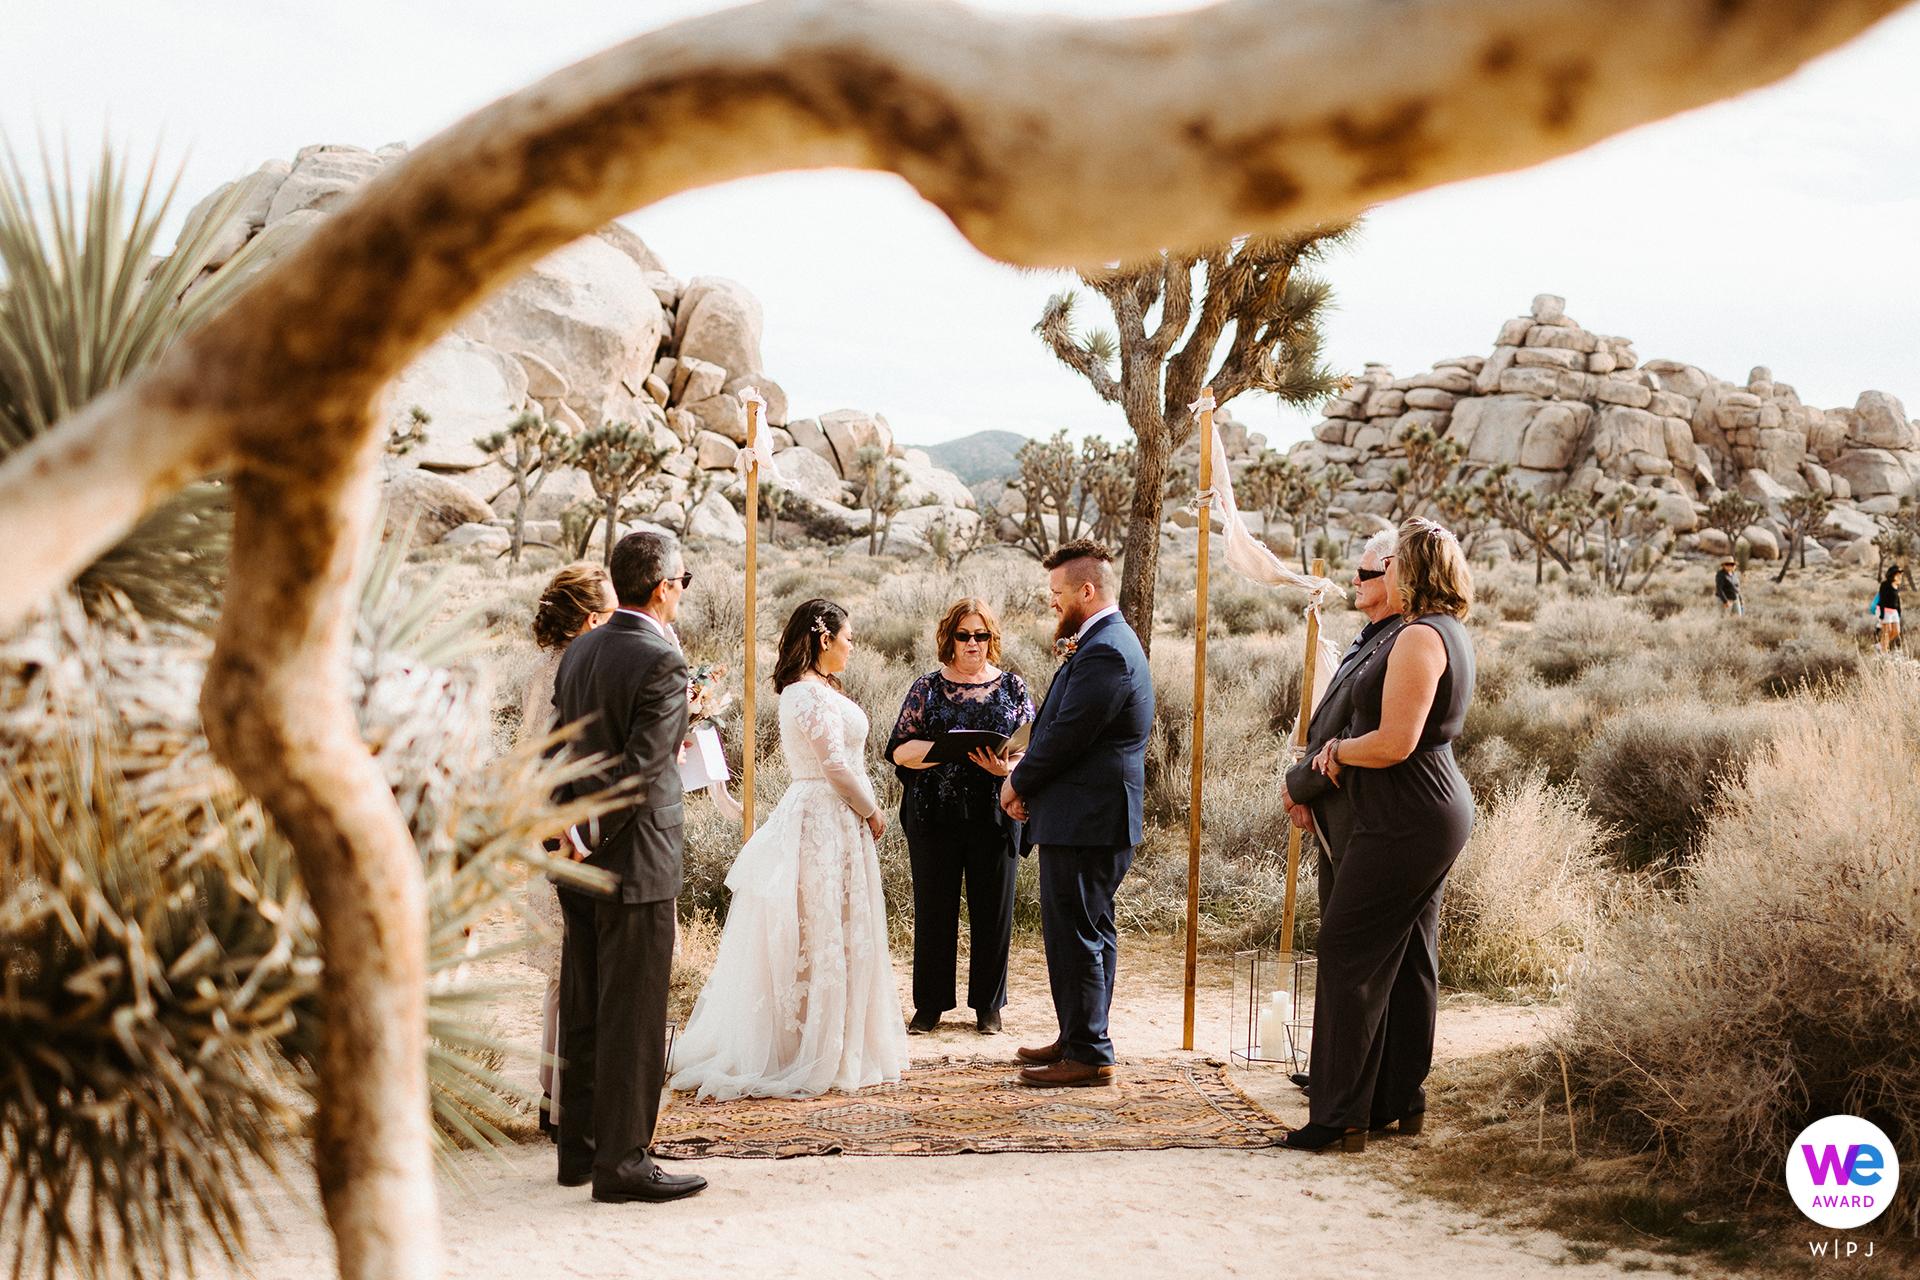 Joshua Tree, image d'élopement de la Californie | Le cadre incroyable pour leur cérémonie intime dans le désert du sud de la Californie.